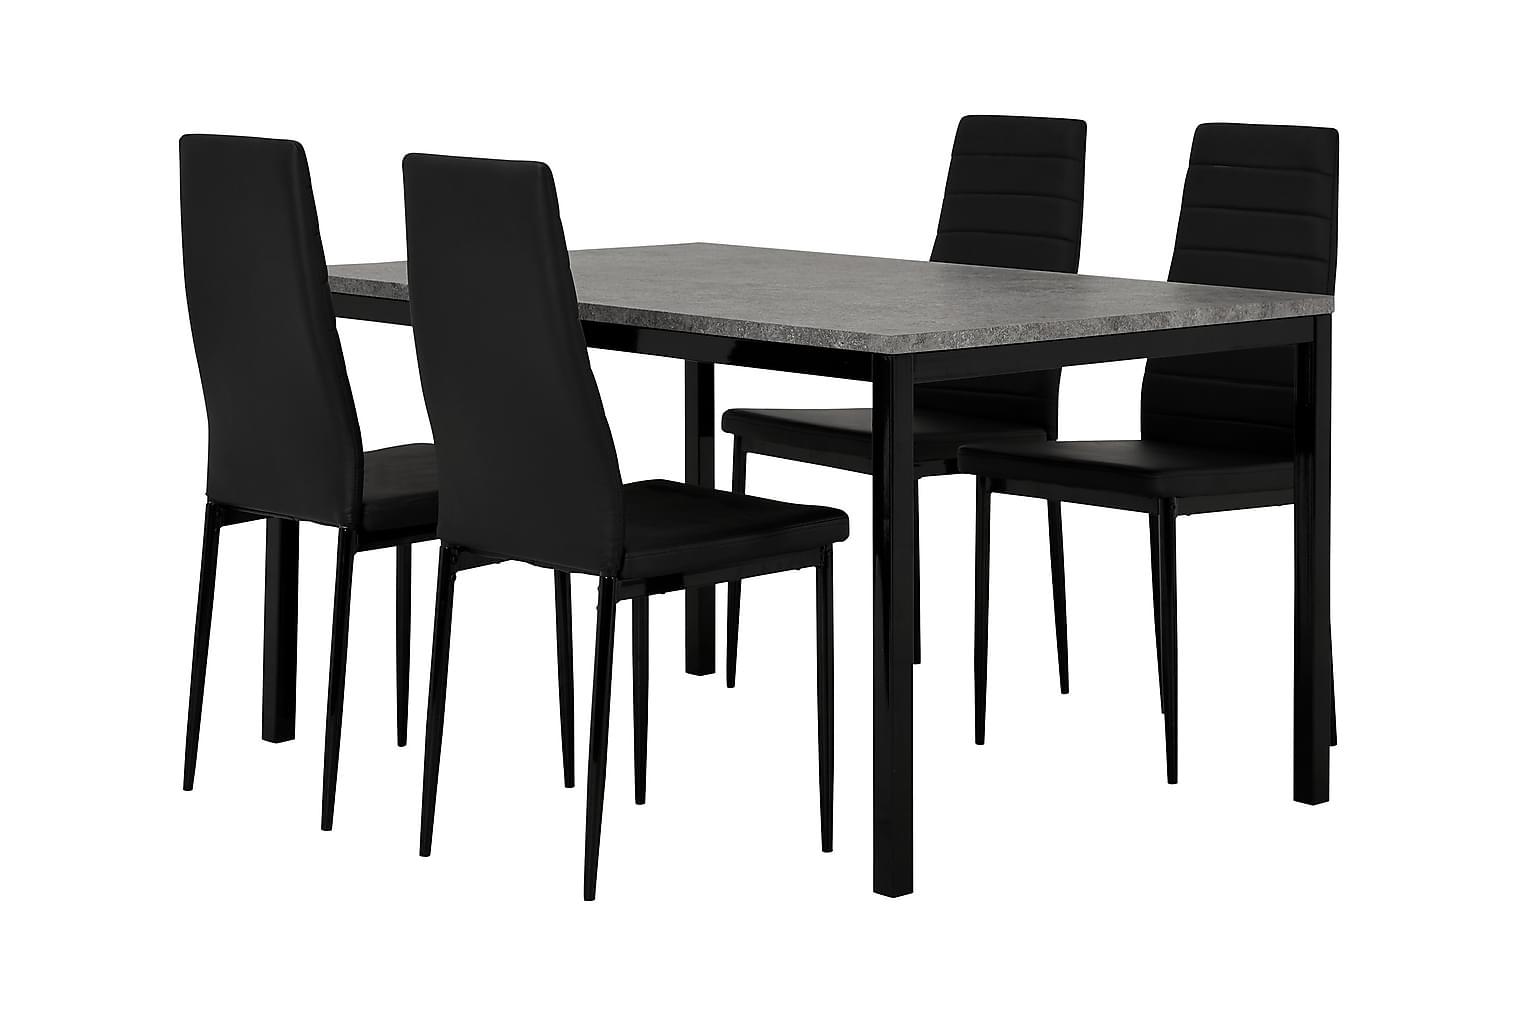 MITA Pöytä 140 Betoni/Musta + 4 GRANÅN Tuolia Musta